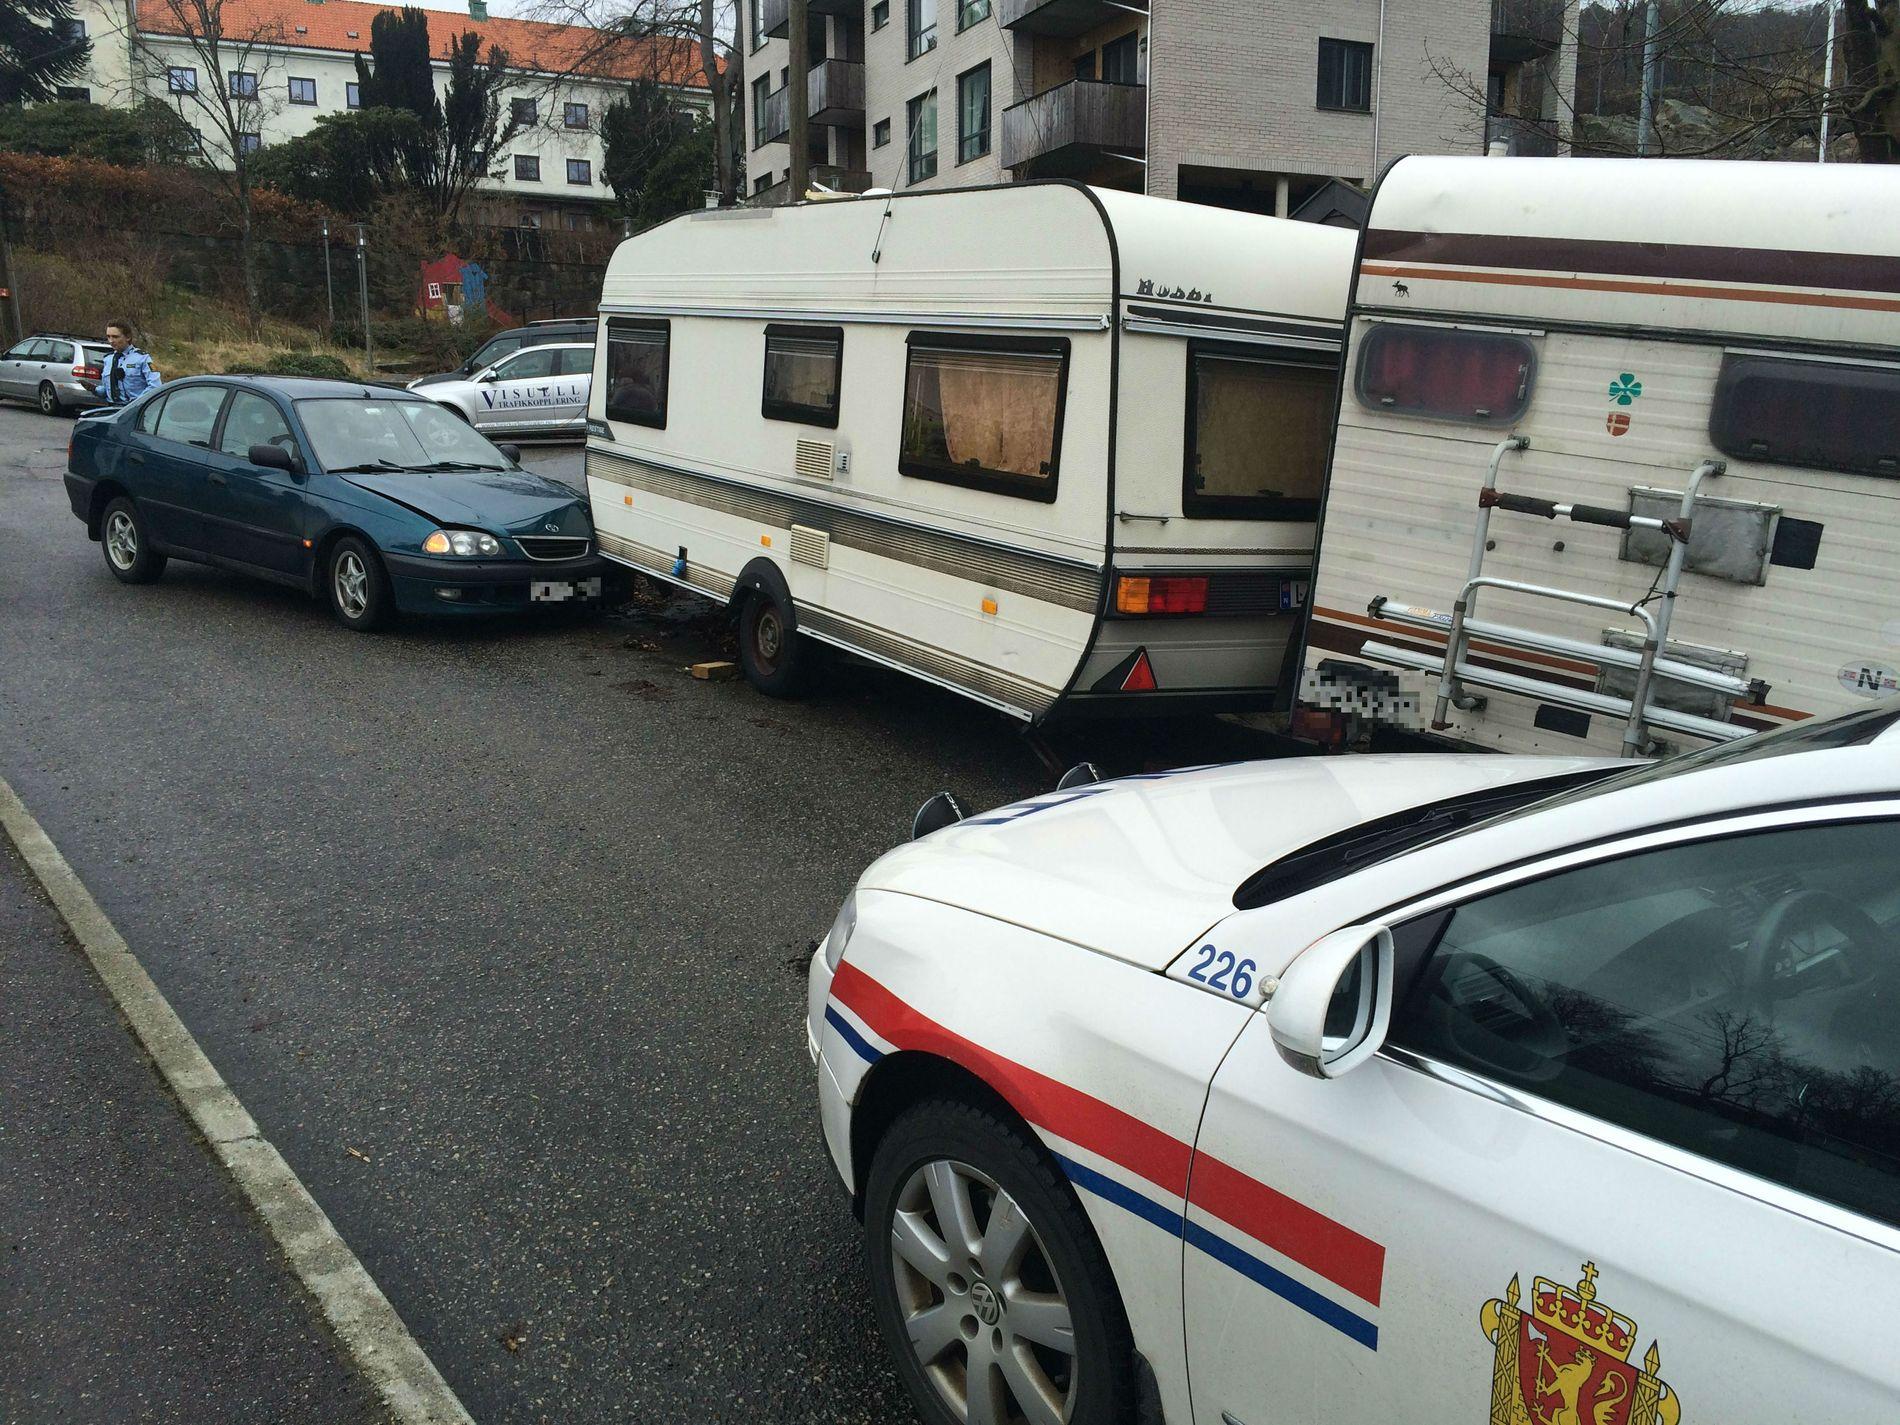 KJEDEKOLLISJON: Etter at bilen krasjet inn i campingvognen, skal også en campingbil ha  blitt truffet.